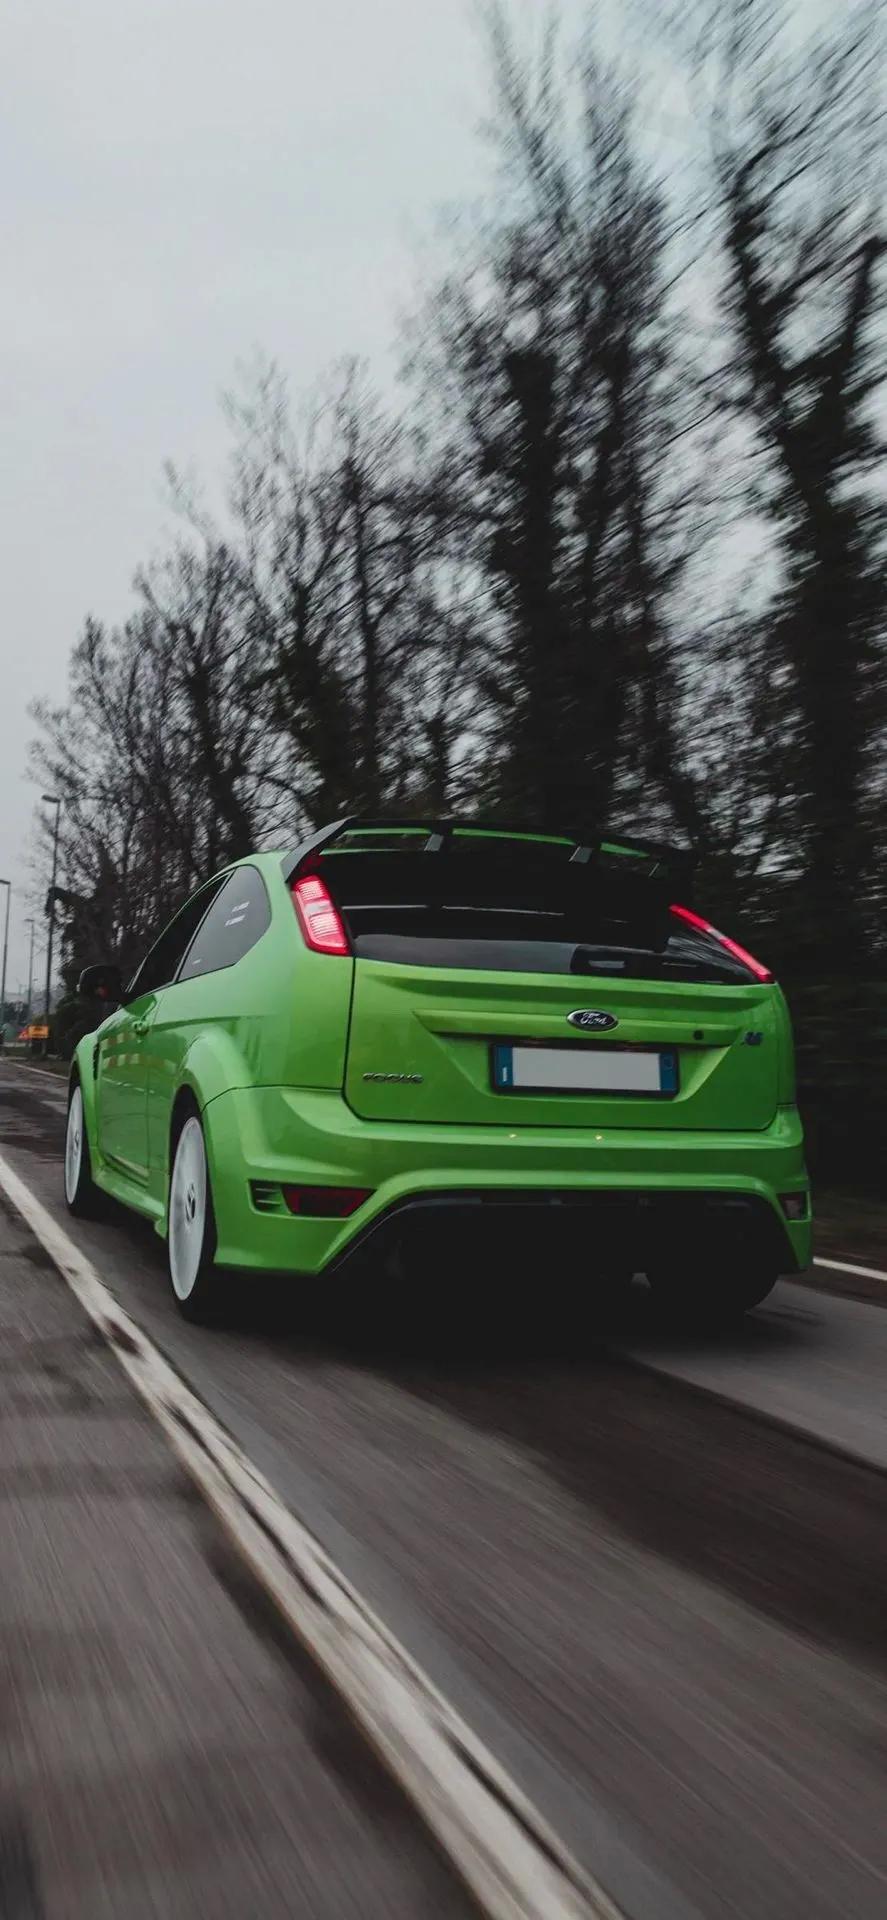 绿色福克斯高速行驶手机壁纸